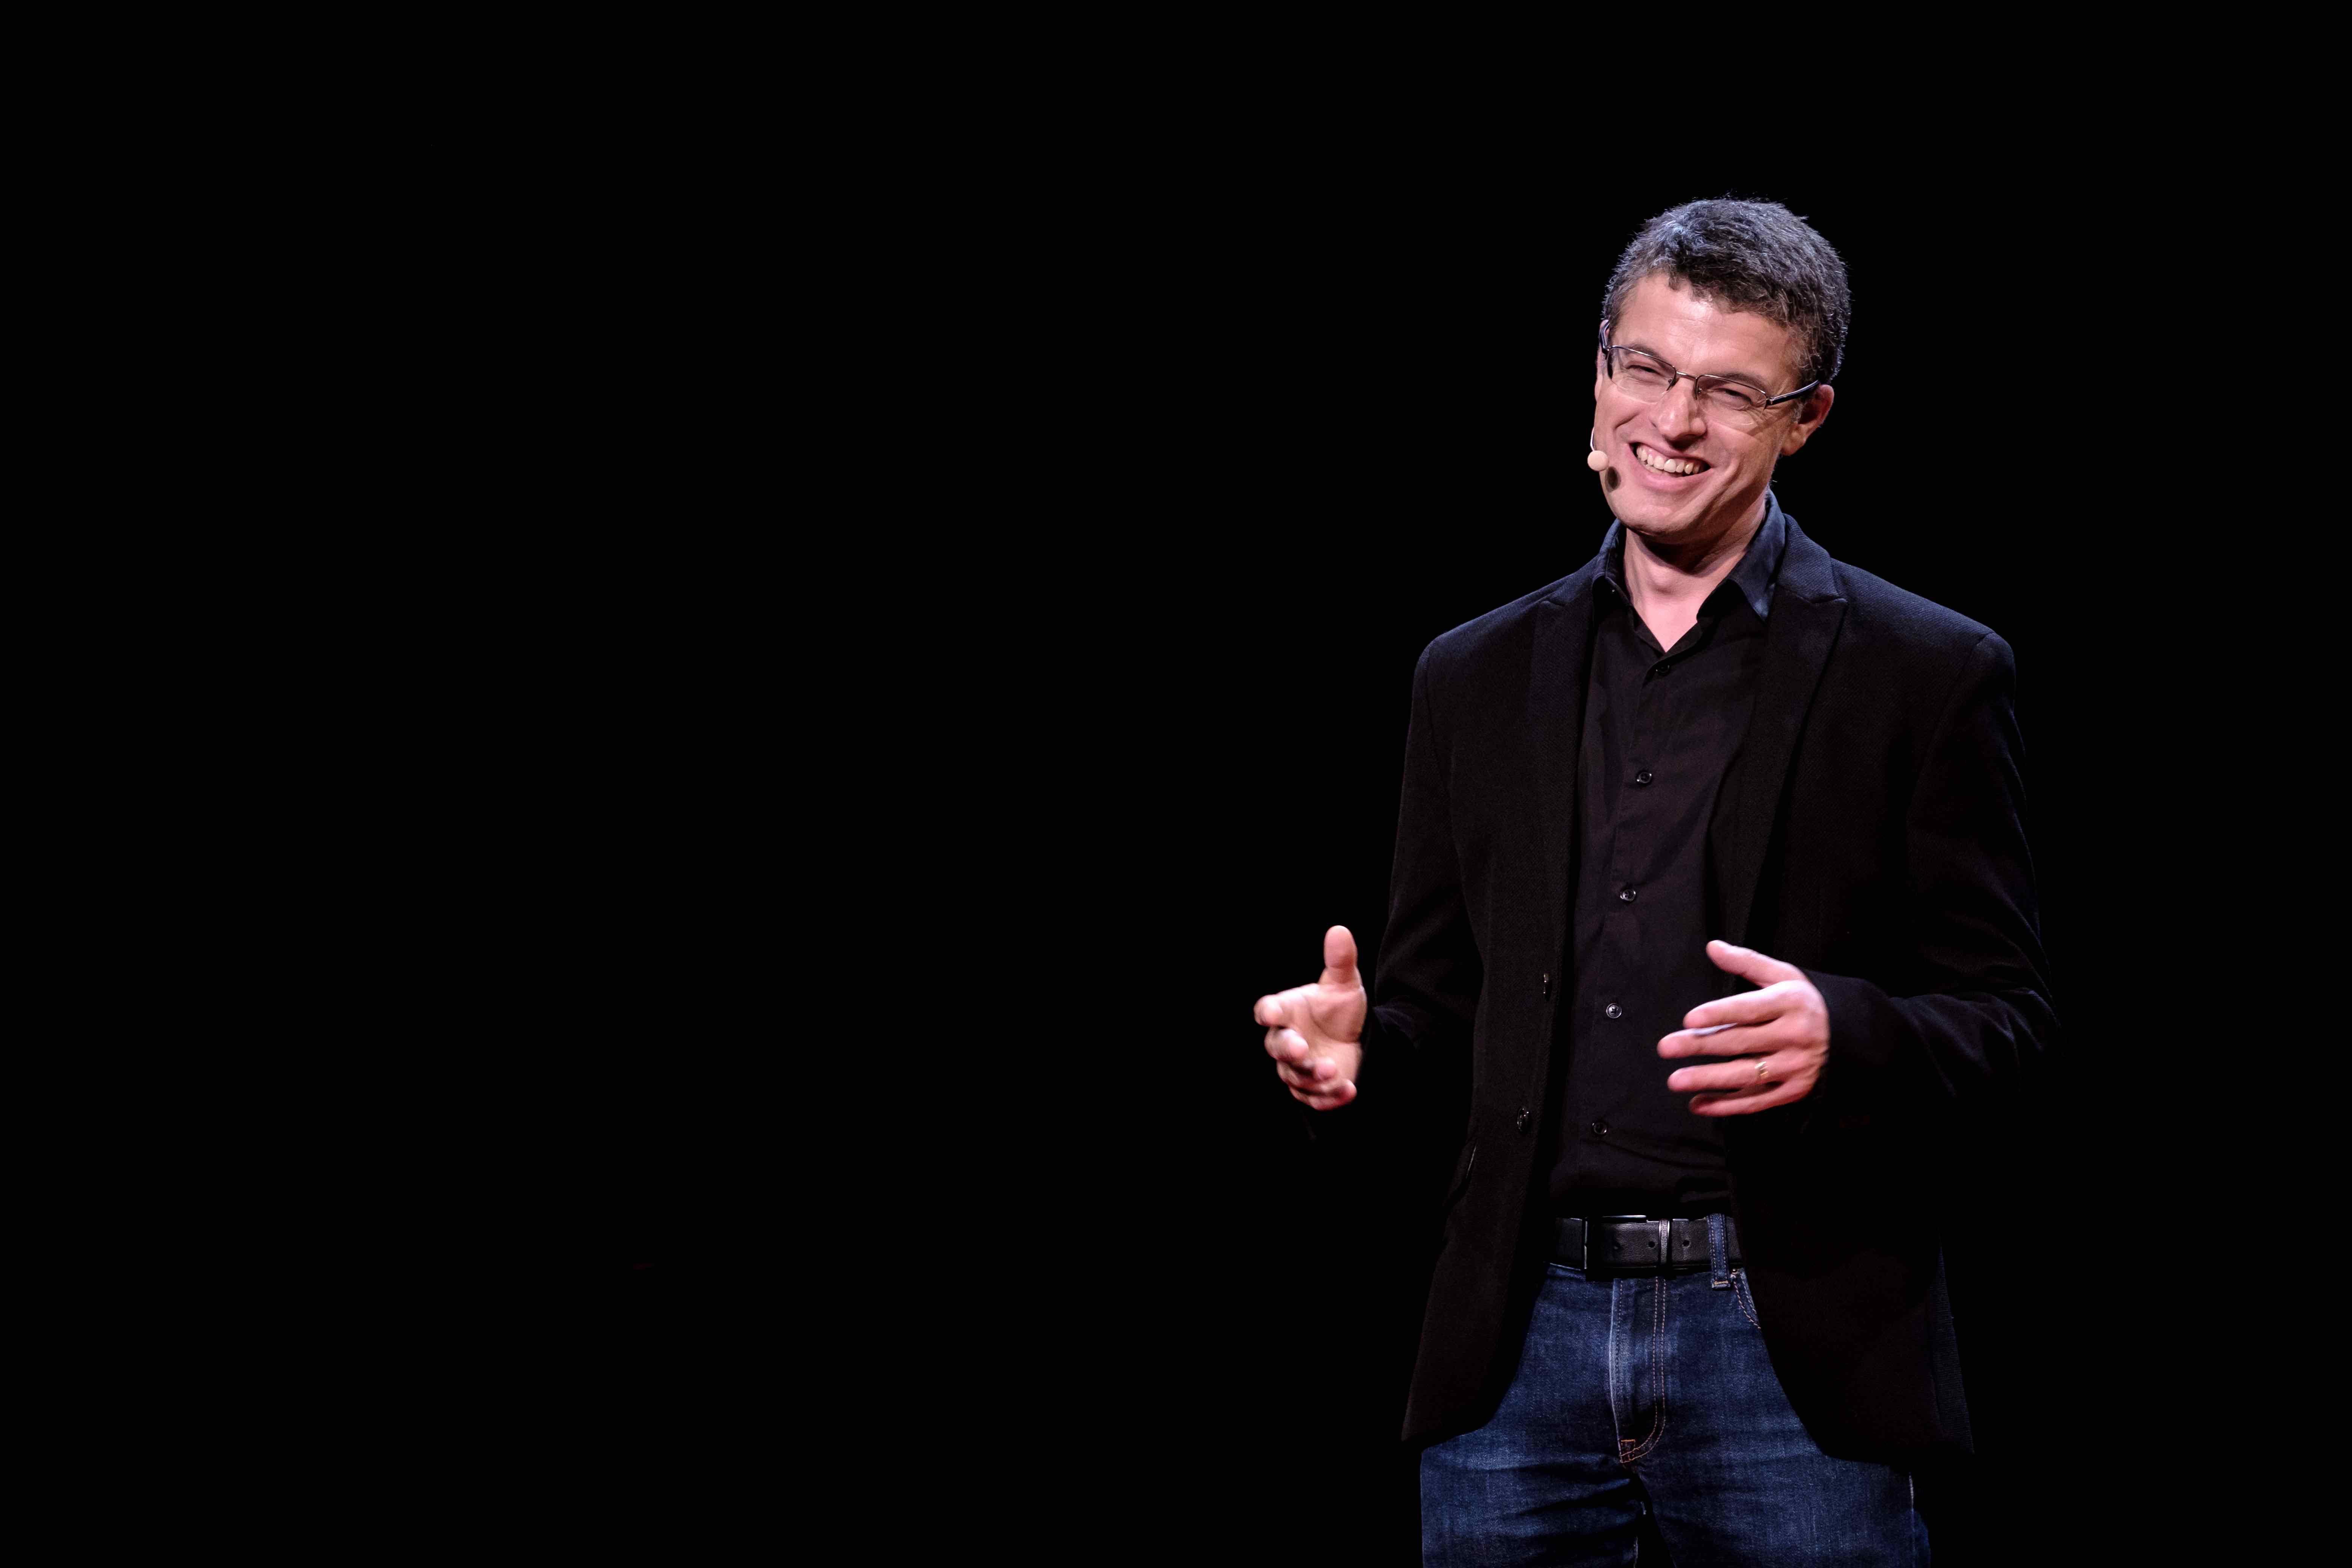 Cyril Maitre Tedx La révolution visuelle